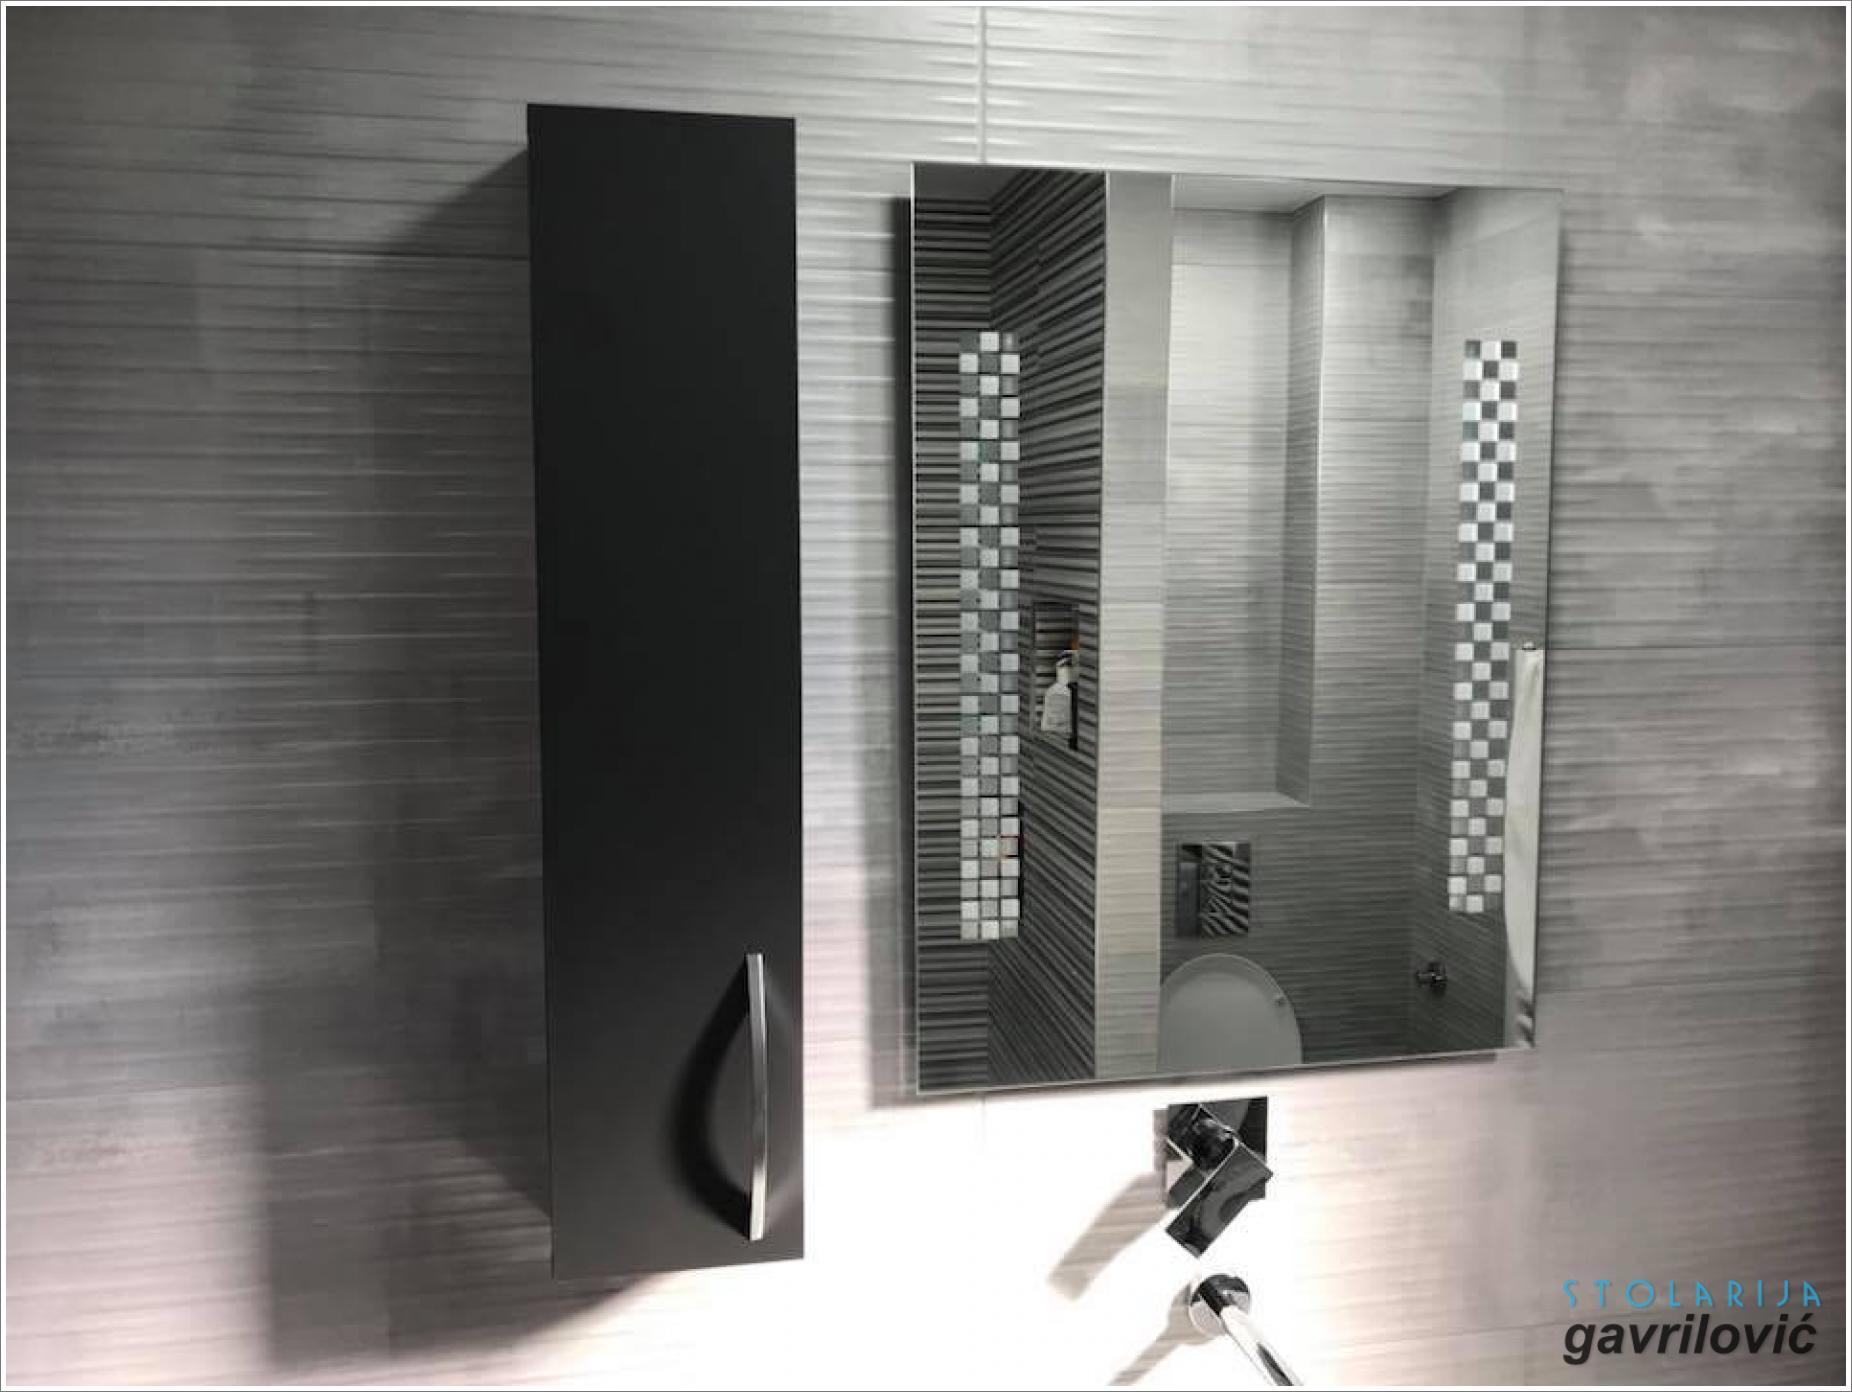 Elementi za kupatilo - stolarija Gavrilović 05